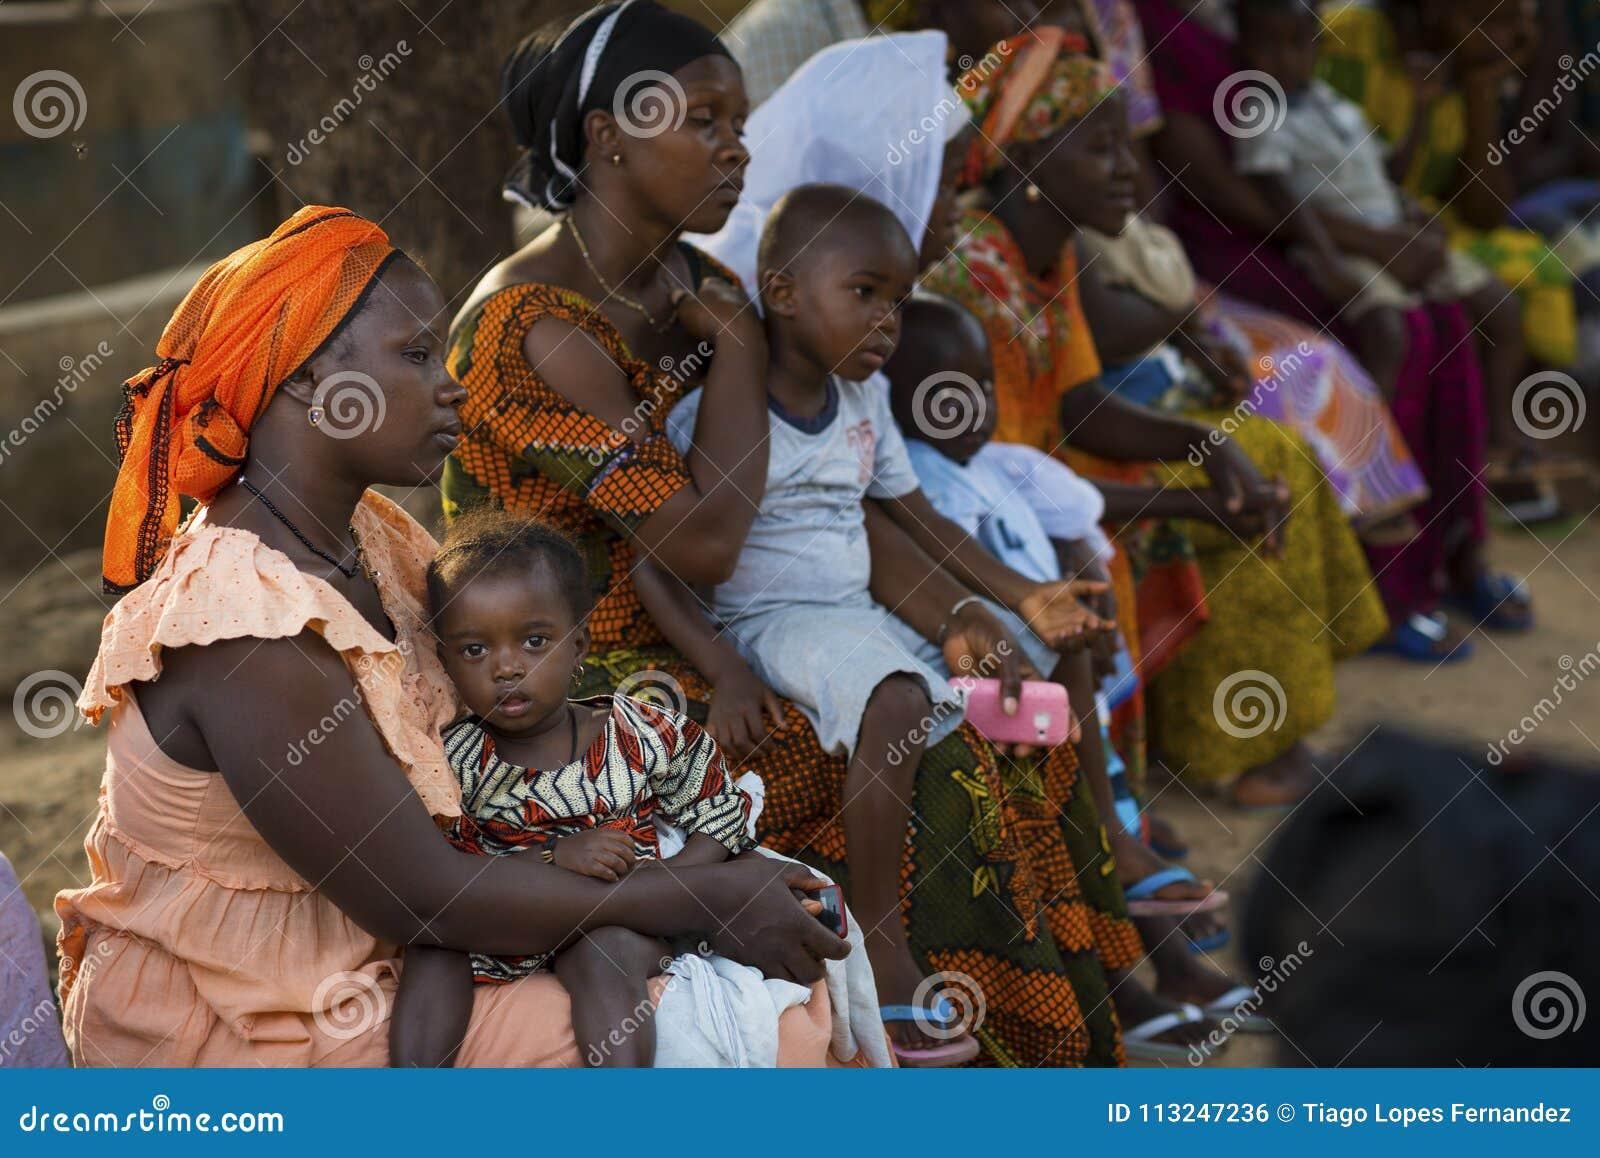 Πορτρέτο μιας νέας μητέρας και της κόρης μωρών της κατά τη διάρκεια μιας κοινοτικής συνεδρίασης, στη γειτονιά Bissaque στην πόλη